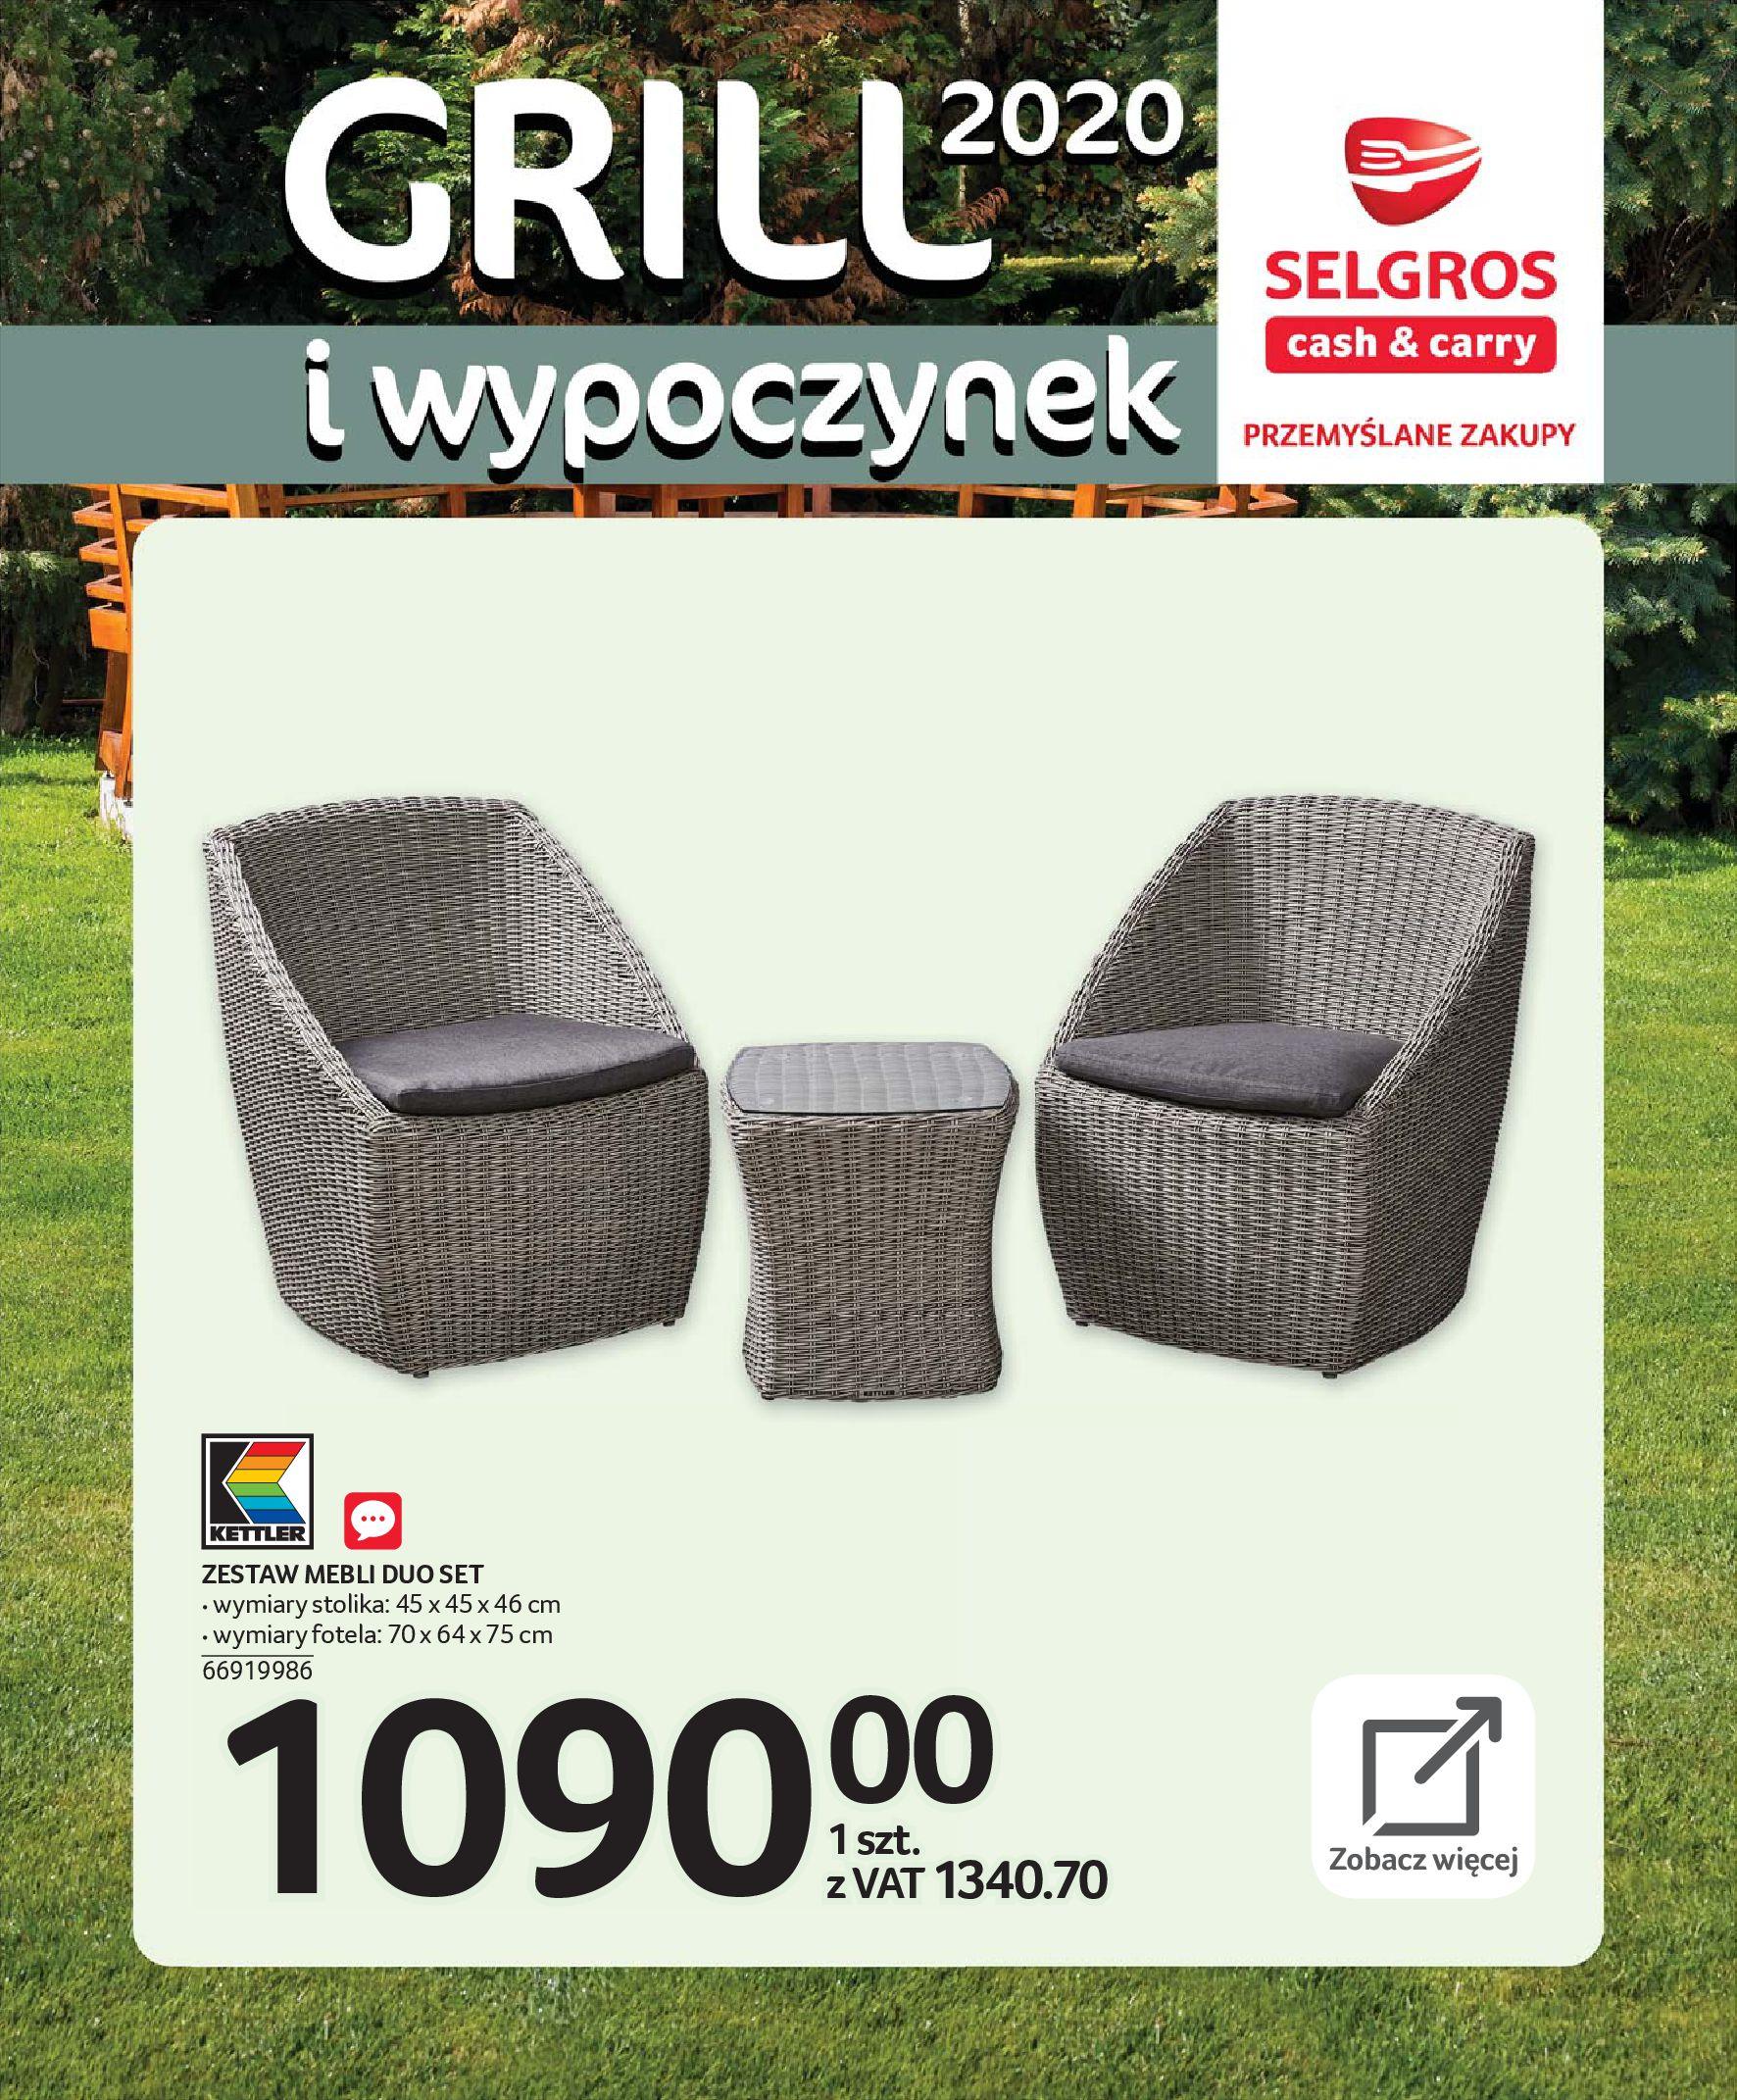 Gazetka Selgros - Katalog - Grill i wypoczynek-31.03.2020-31.08.2020-page-10